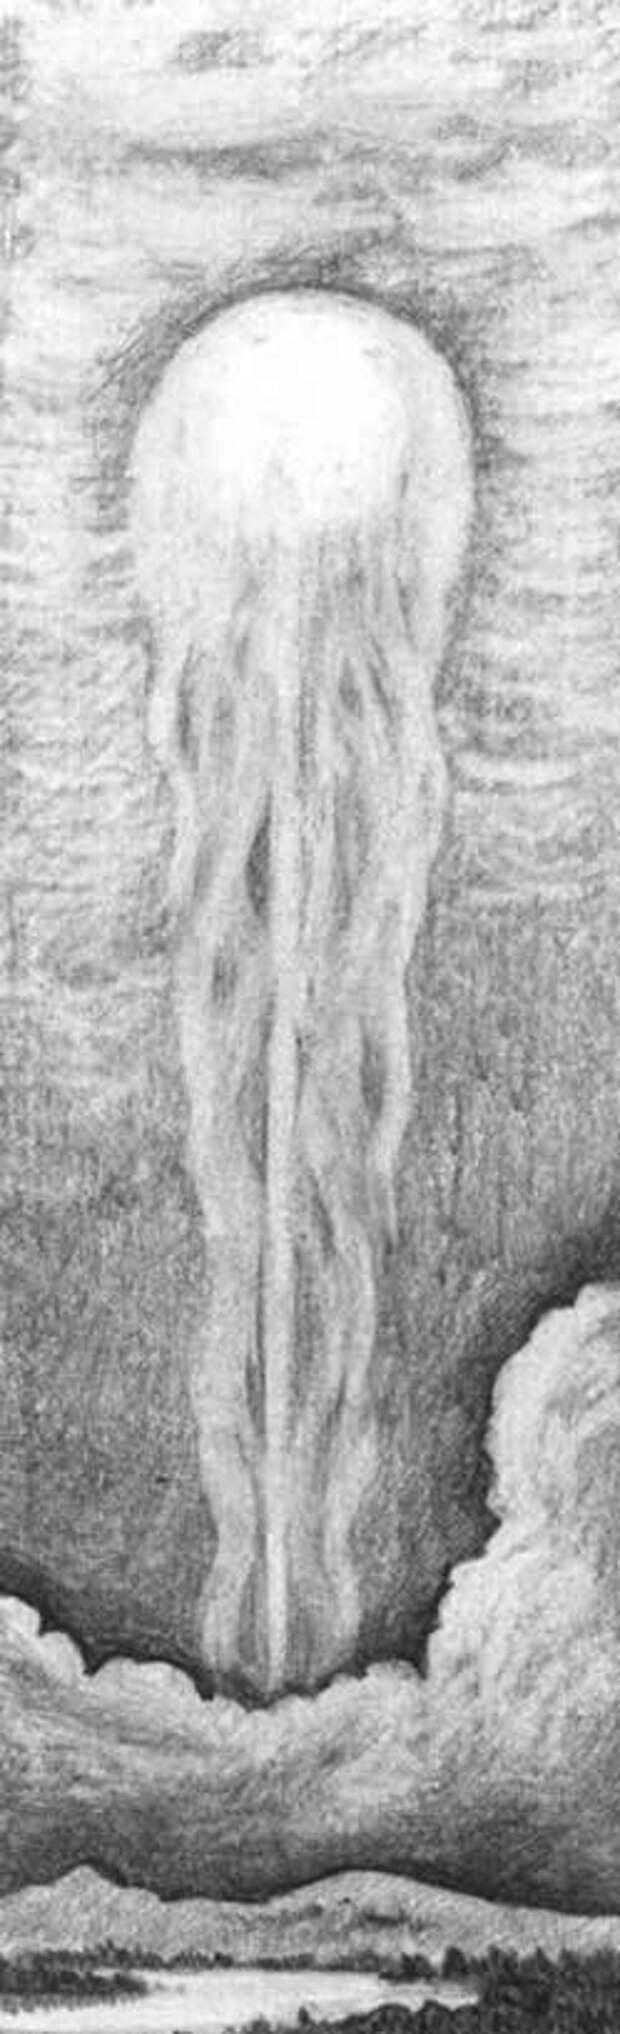 Долина смерти: миф или реальность? Гипотезы, факты и экспедиции (2 часть)